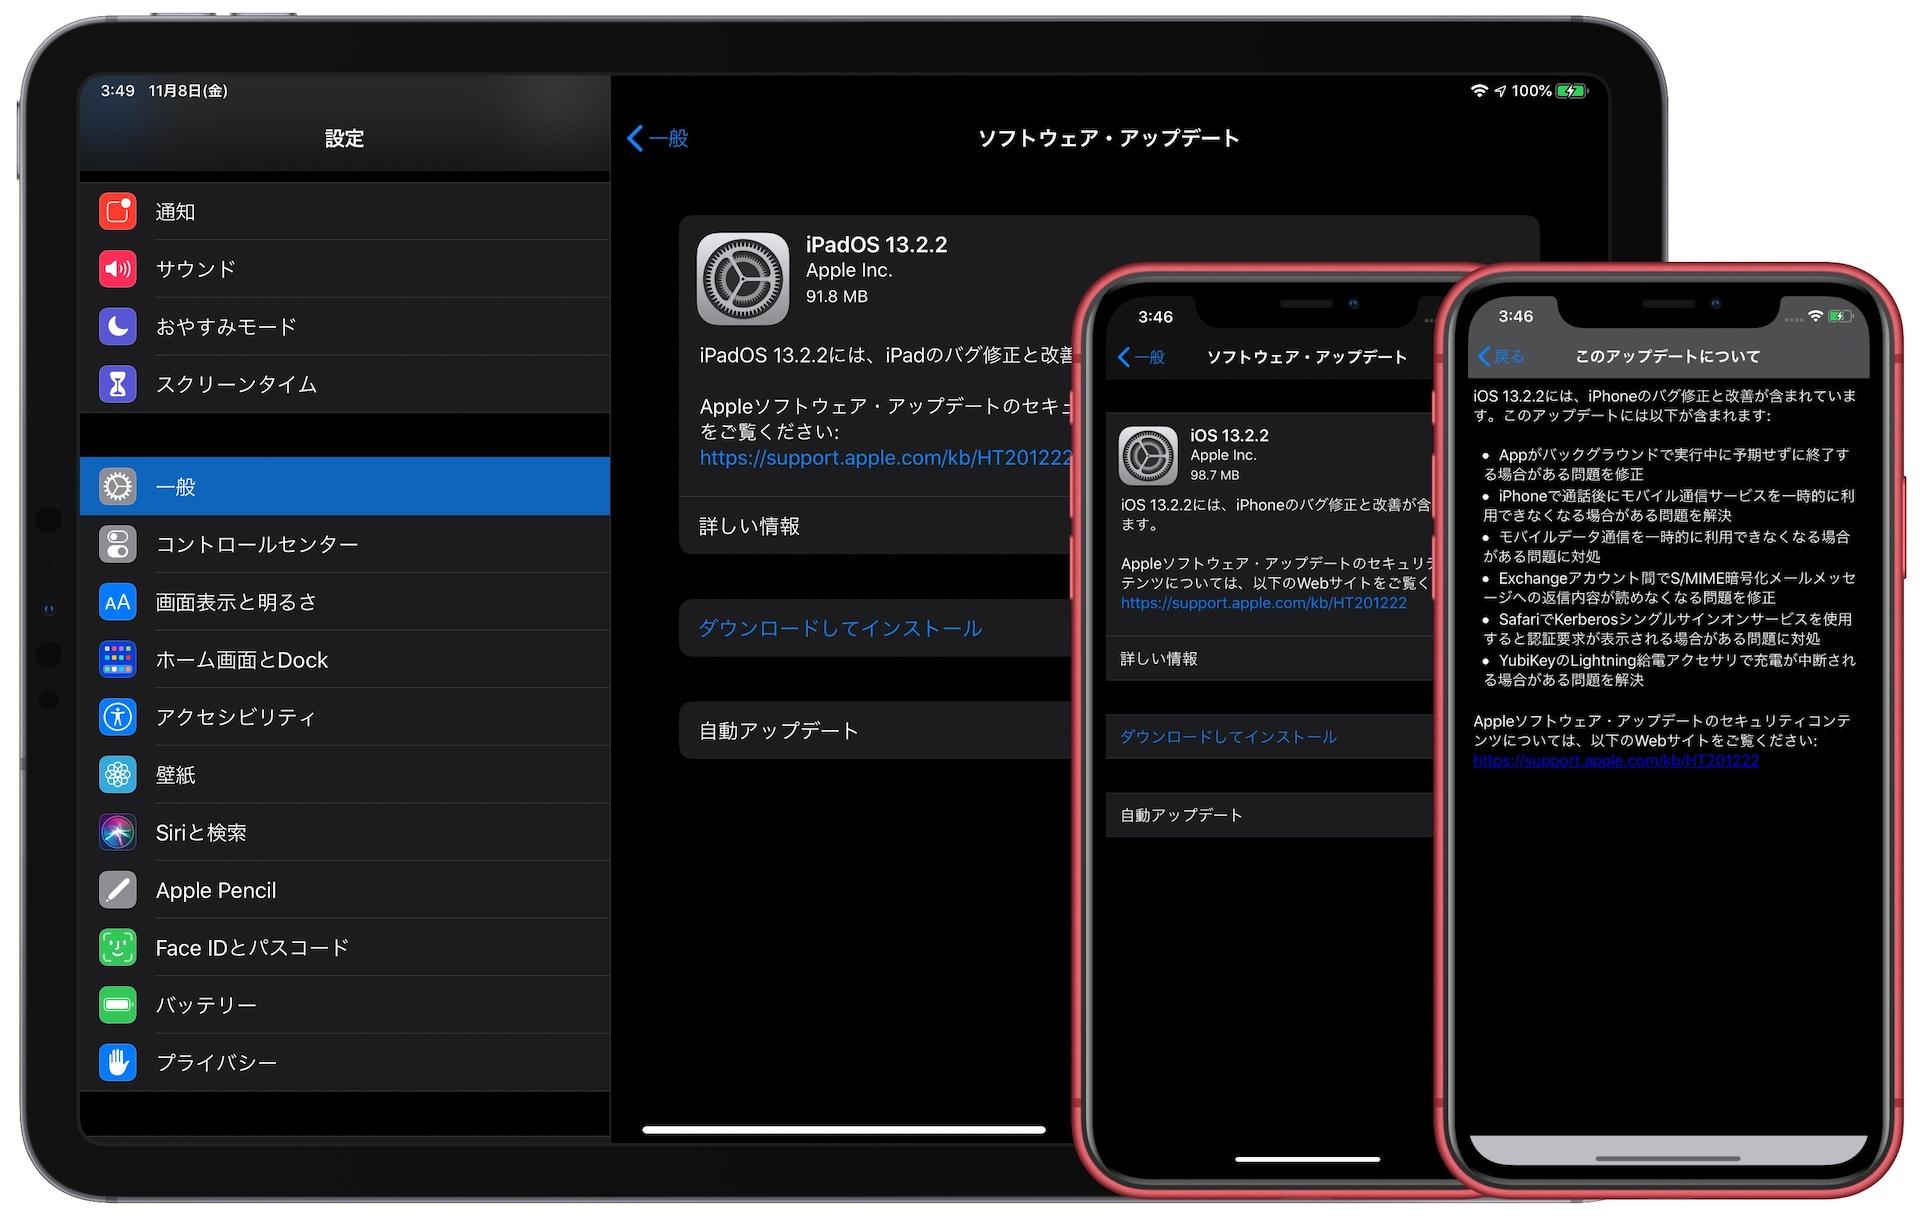 iOS 13.2.2のリリースノート